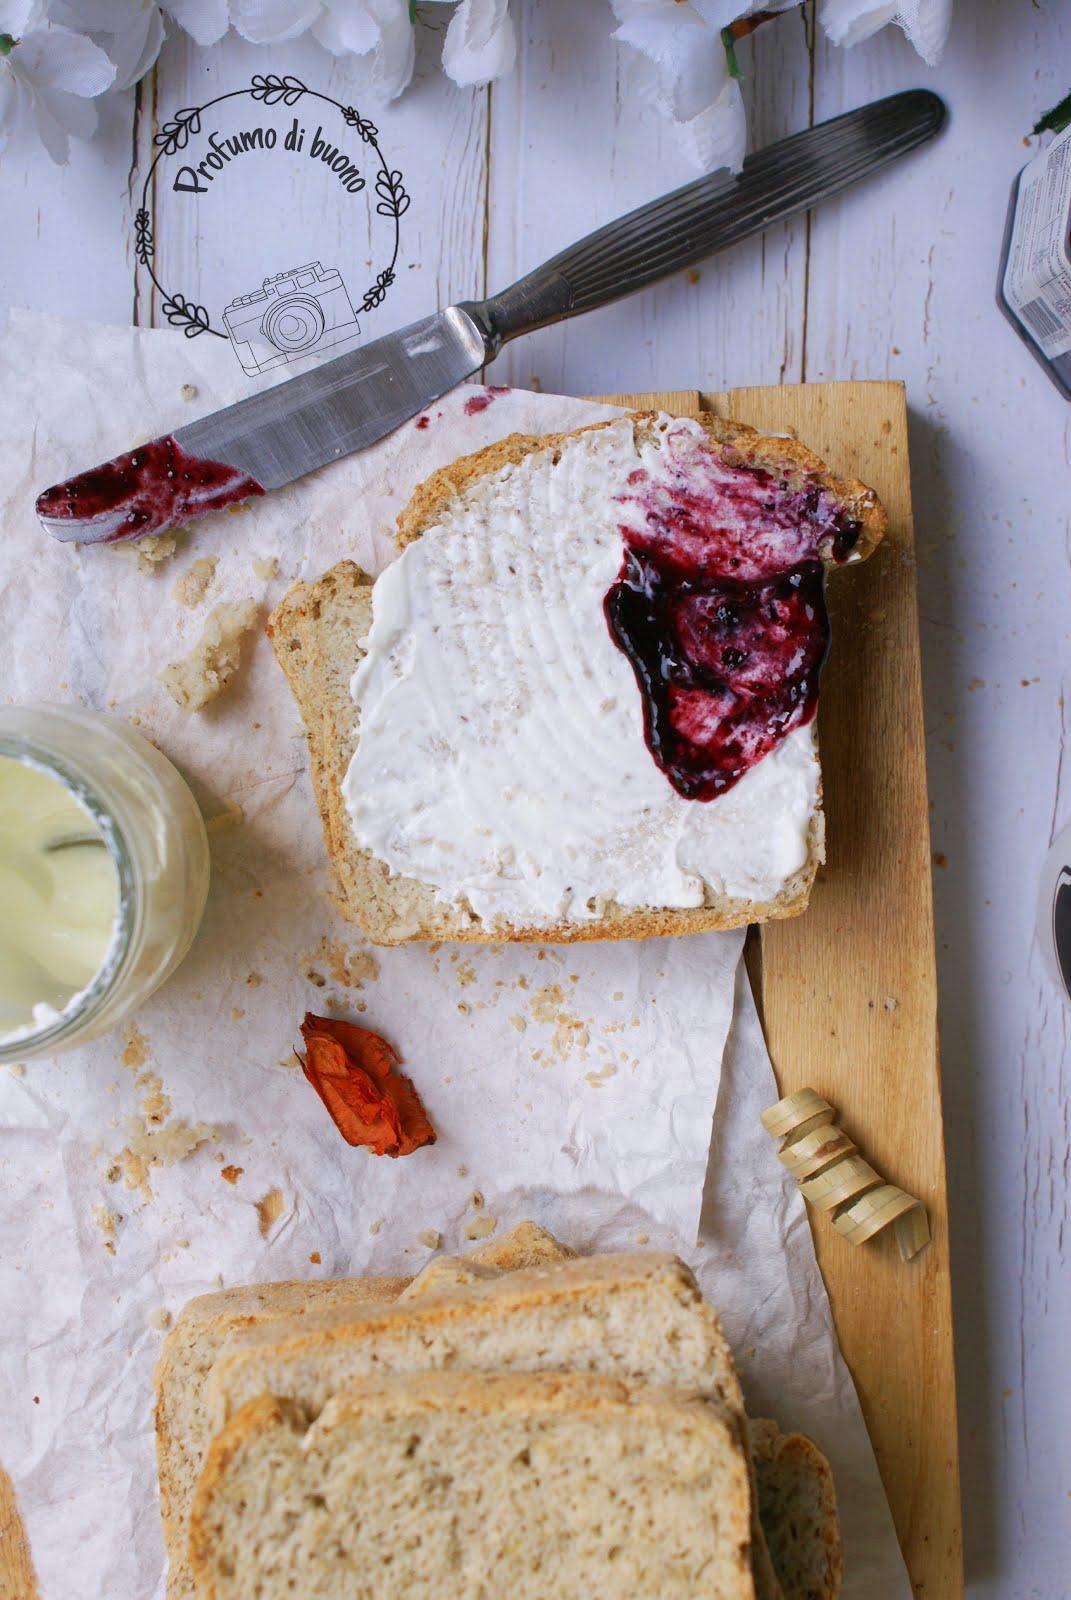 Pan bauletto senza glutine con farine naturali farcito con formaggio e marmellata